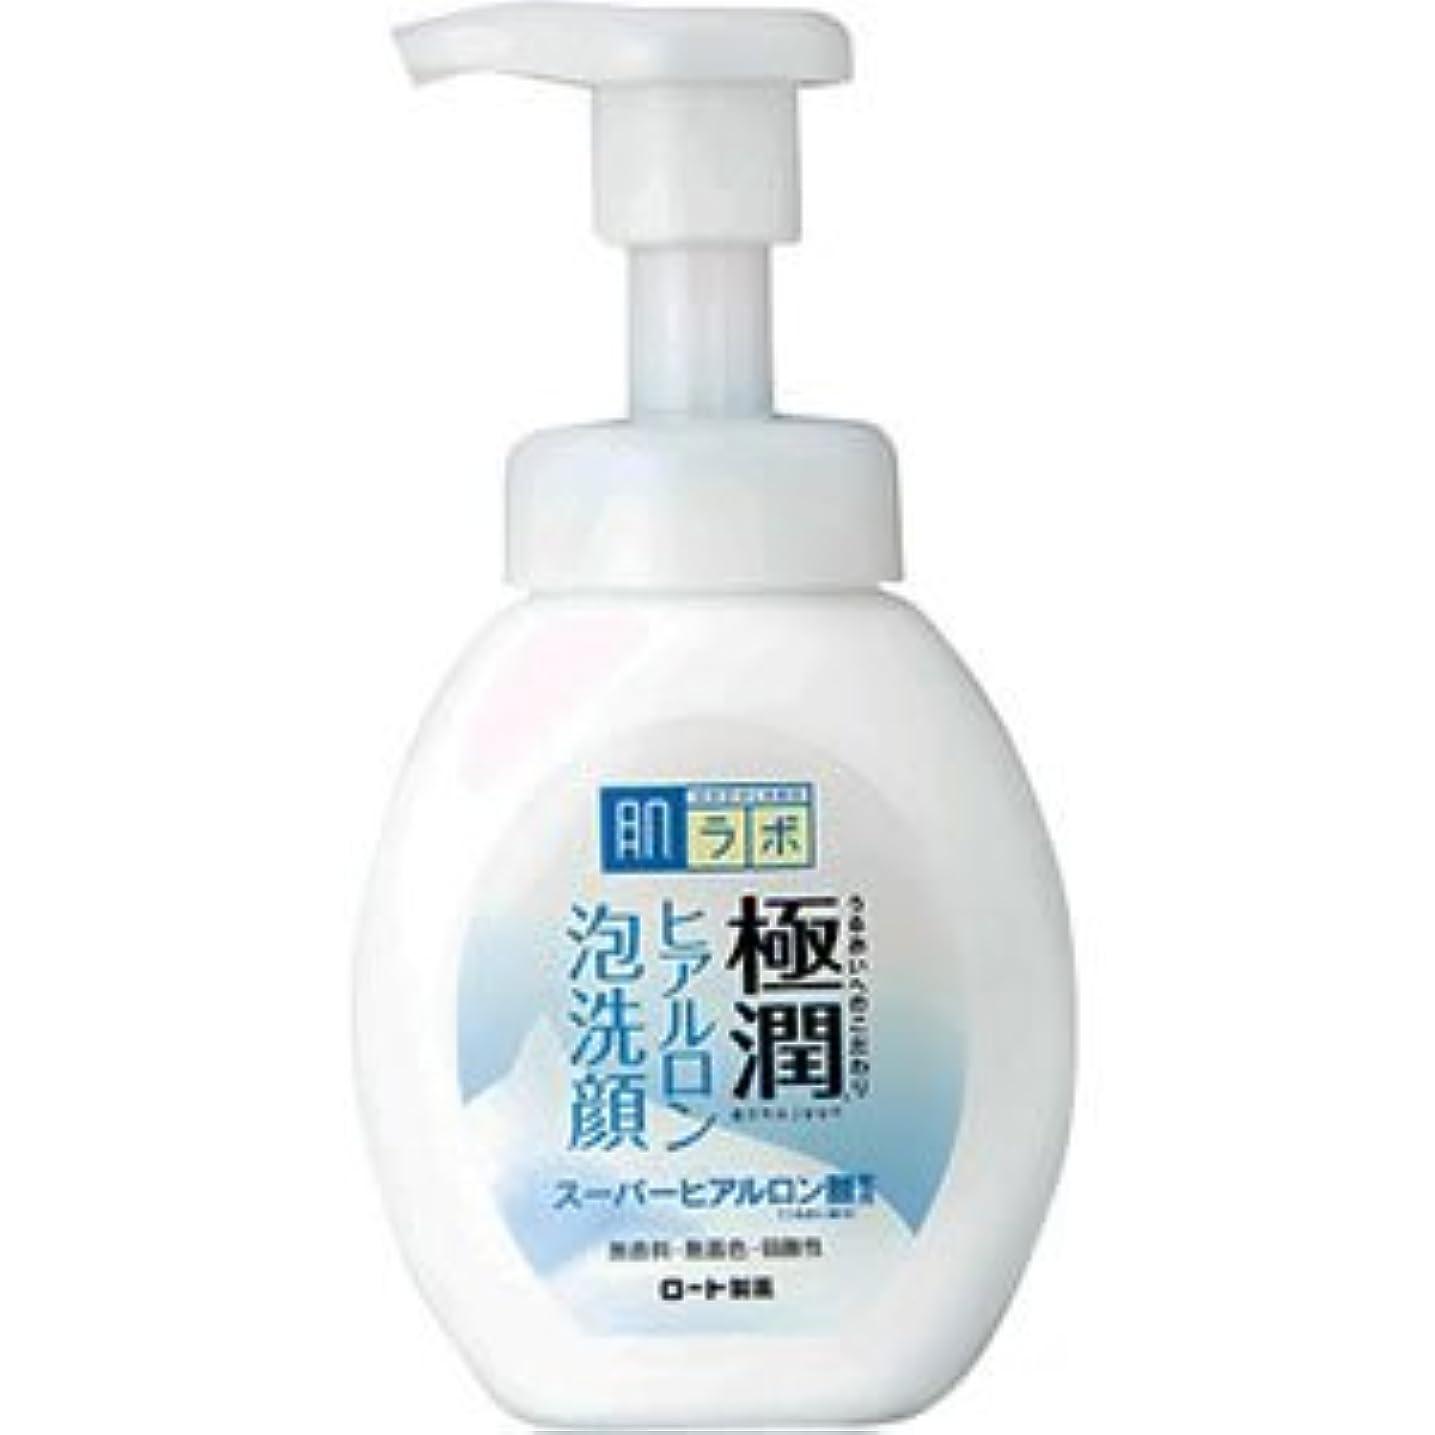 調和予算者(ロート製薬)肌研 極潤ヒアルロン泡洗顔 160ml